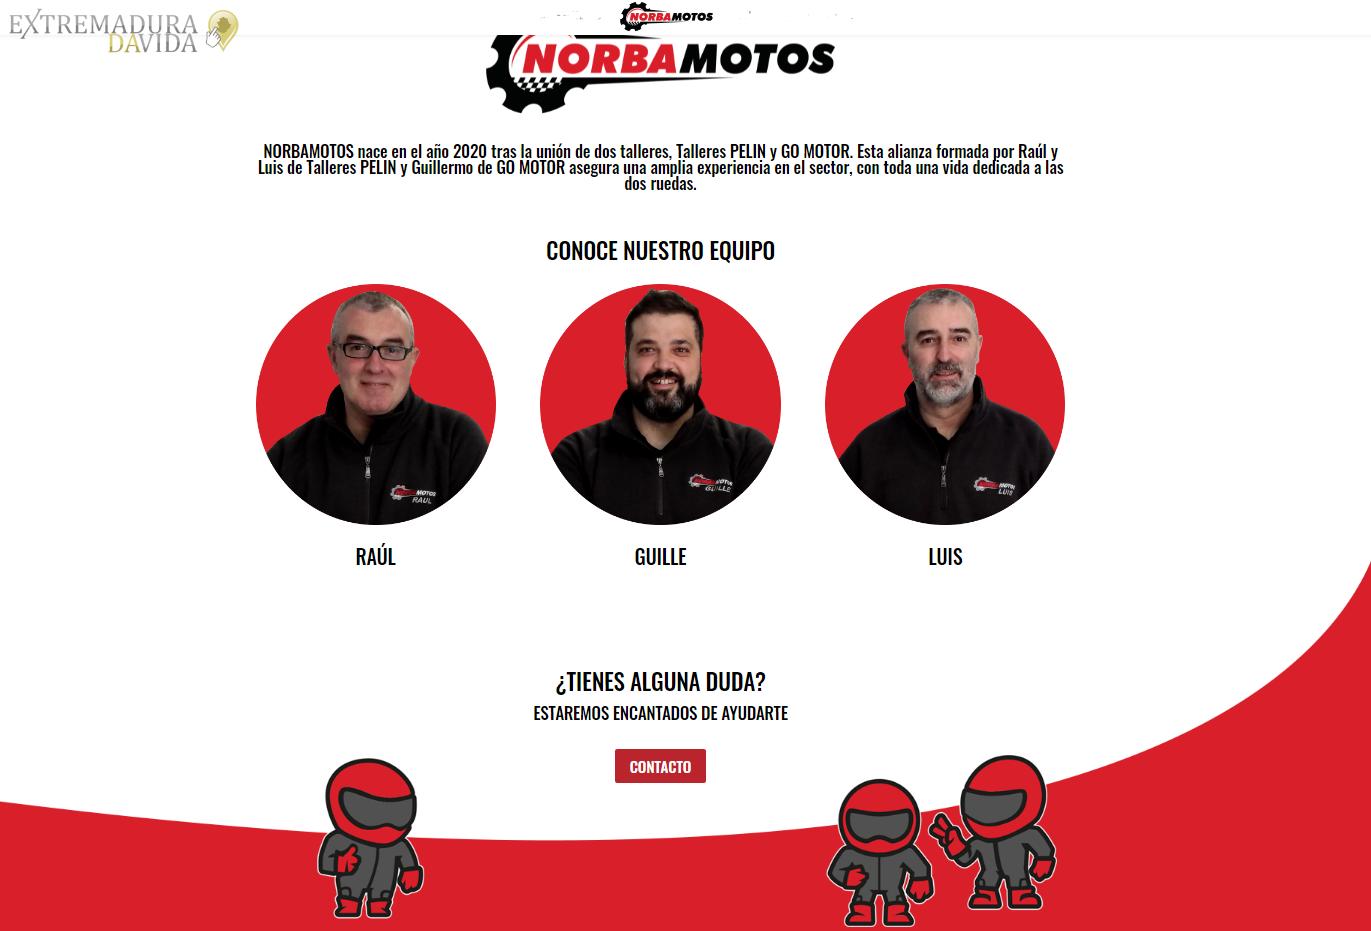 Taller concesionario de motos en Cáceres Norbamotos